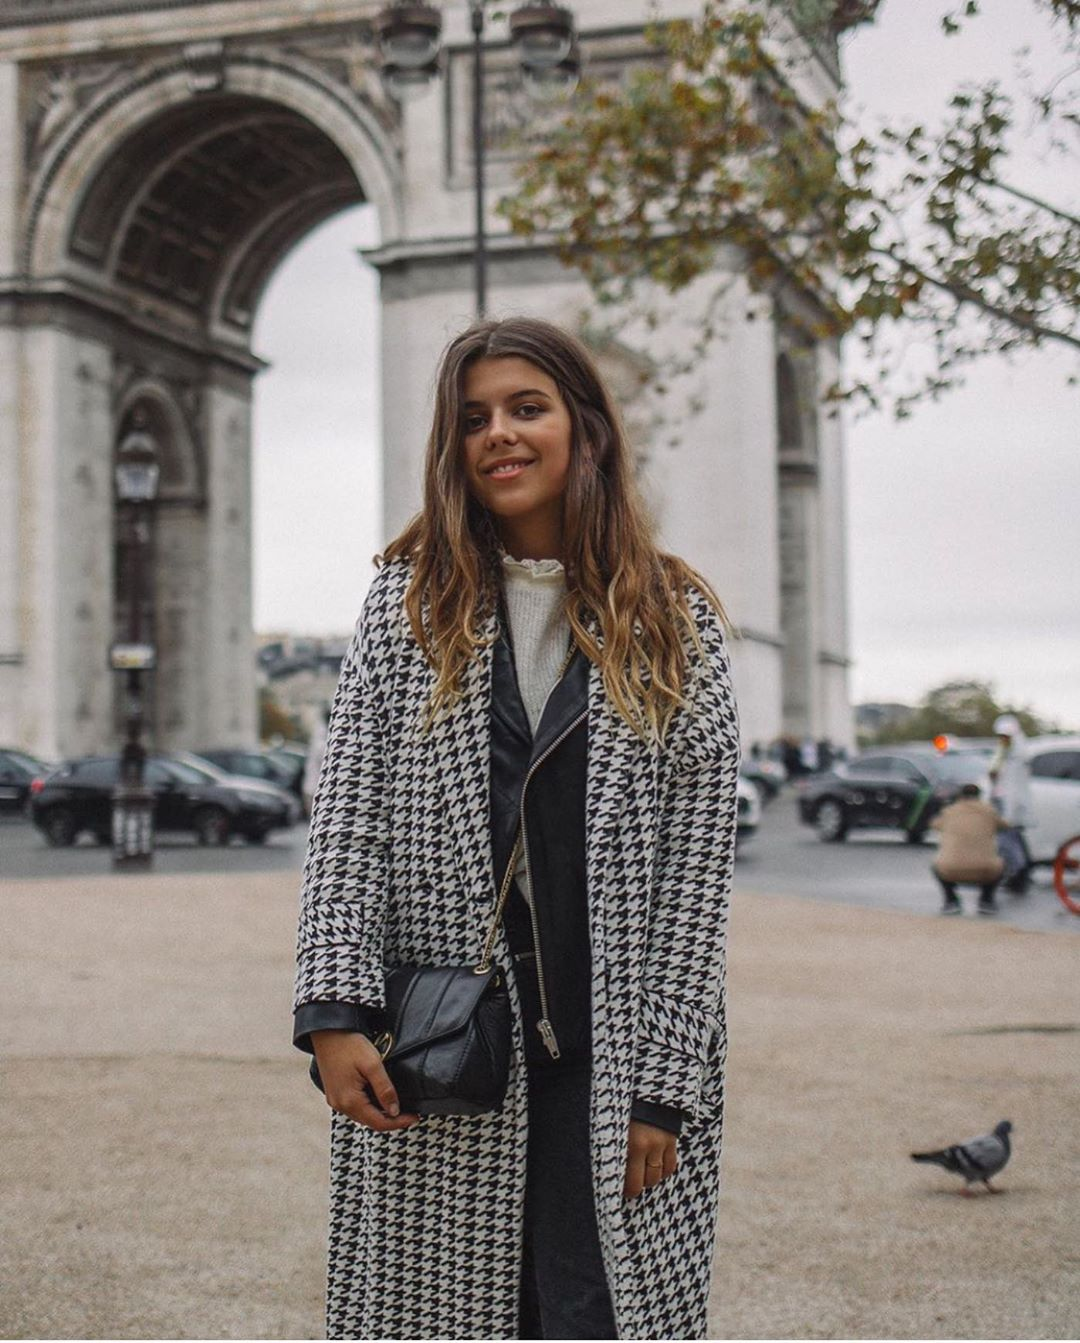 manteau en pied-de-poule de Zara sur zara.outfits